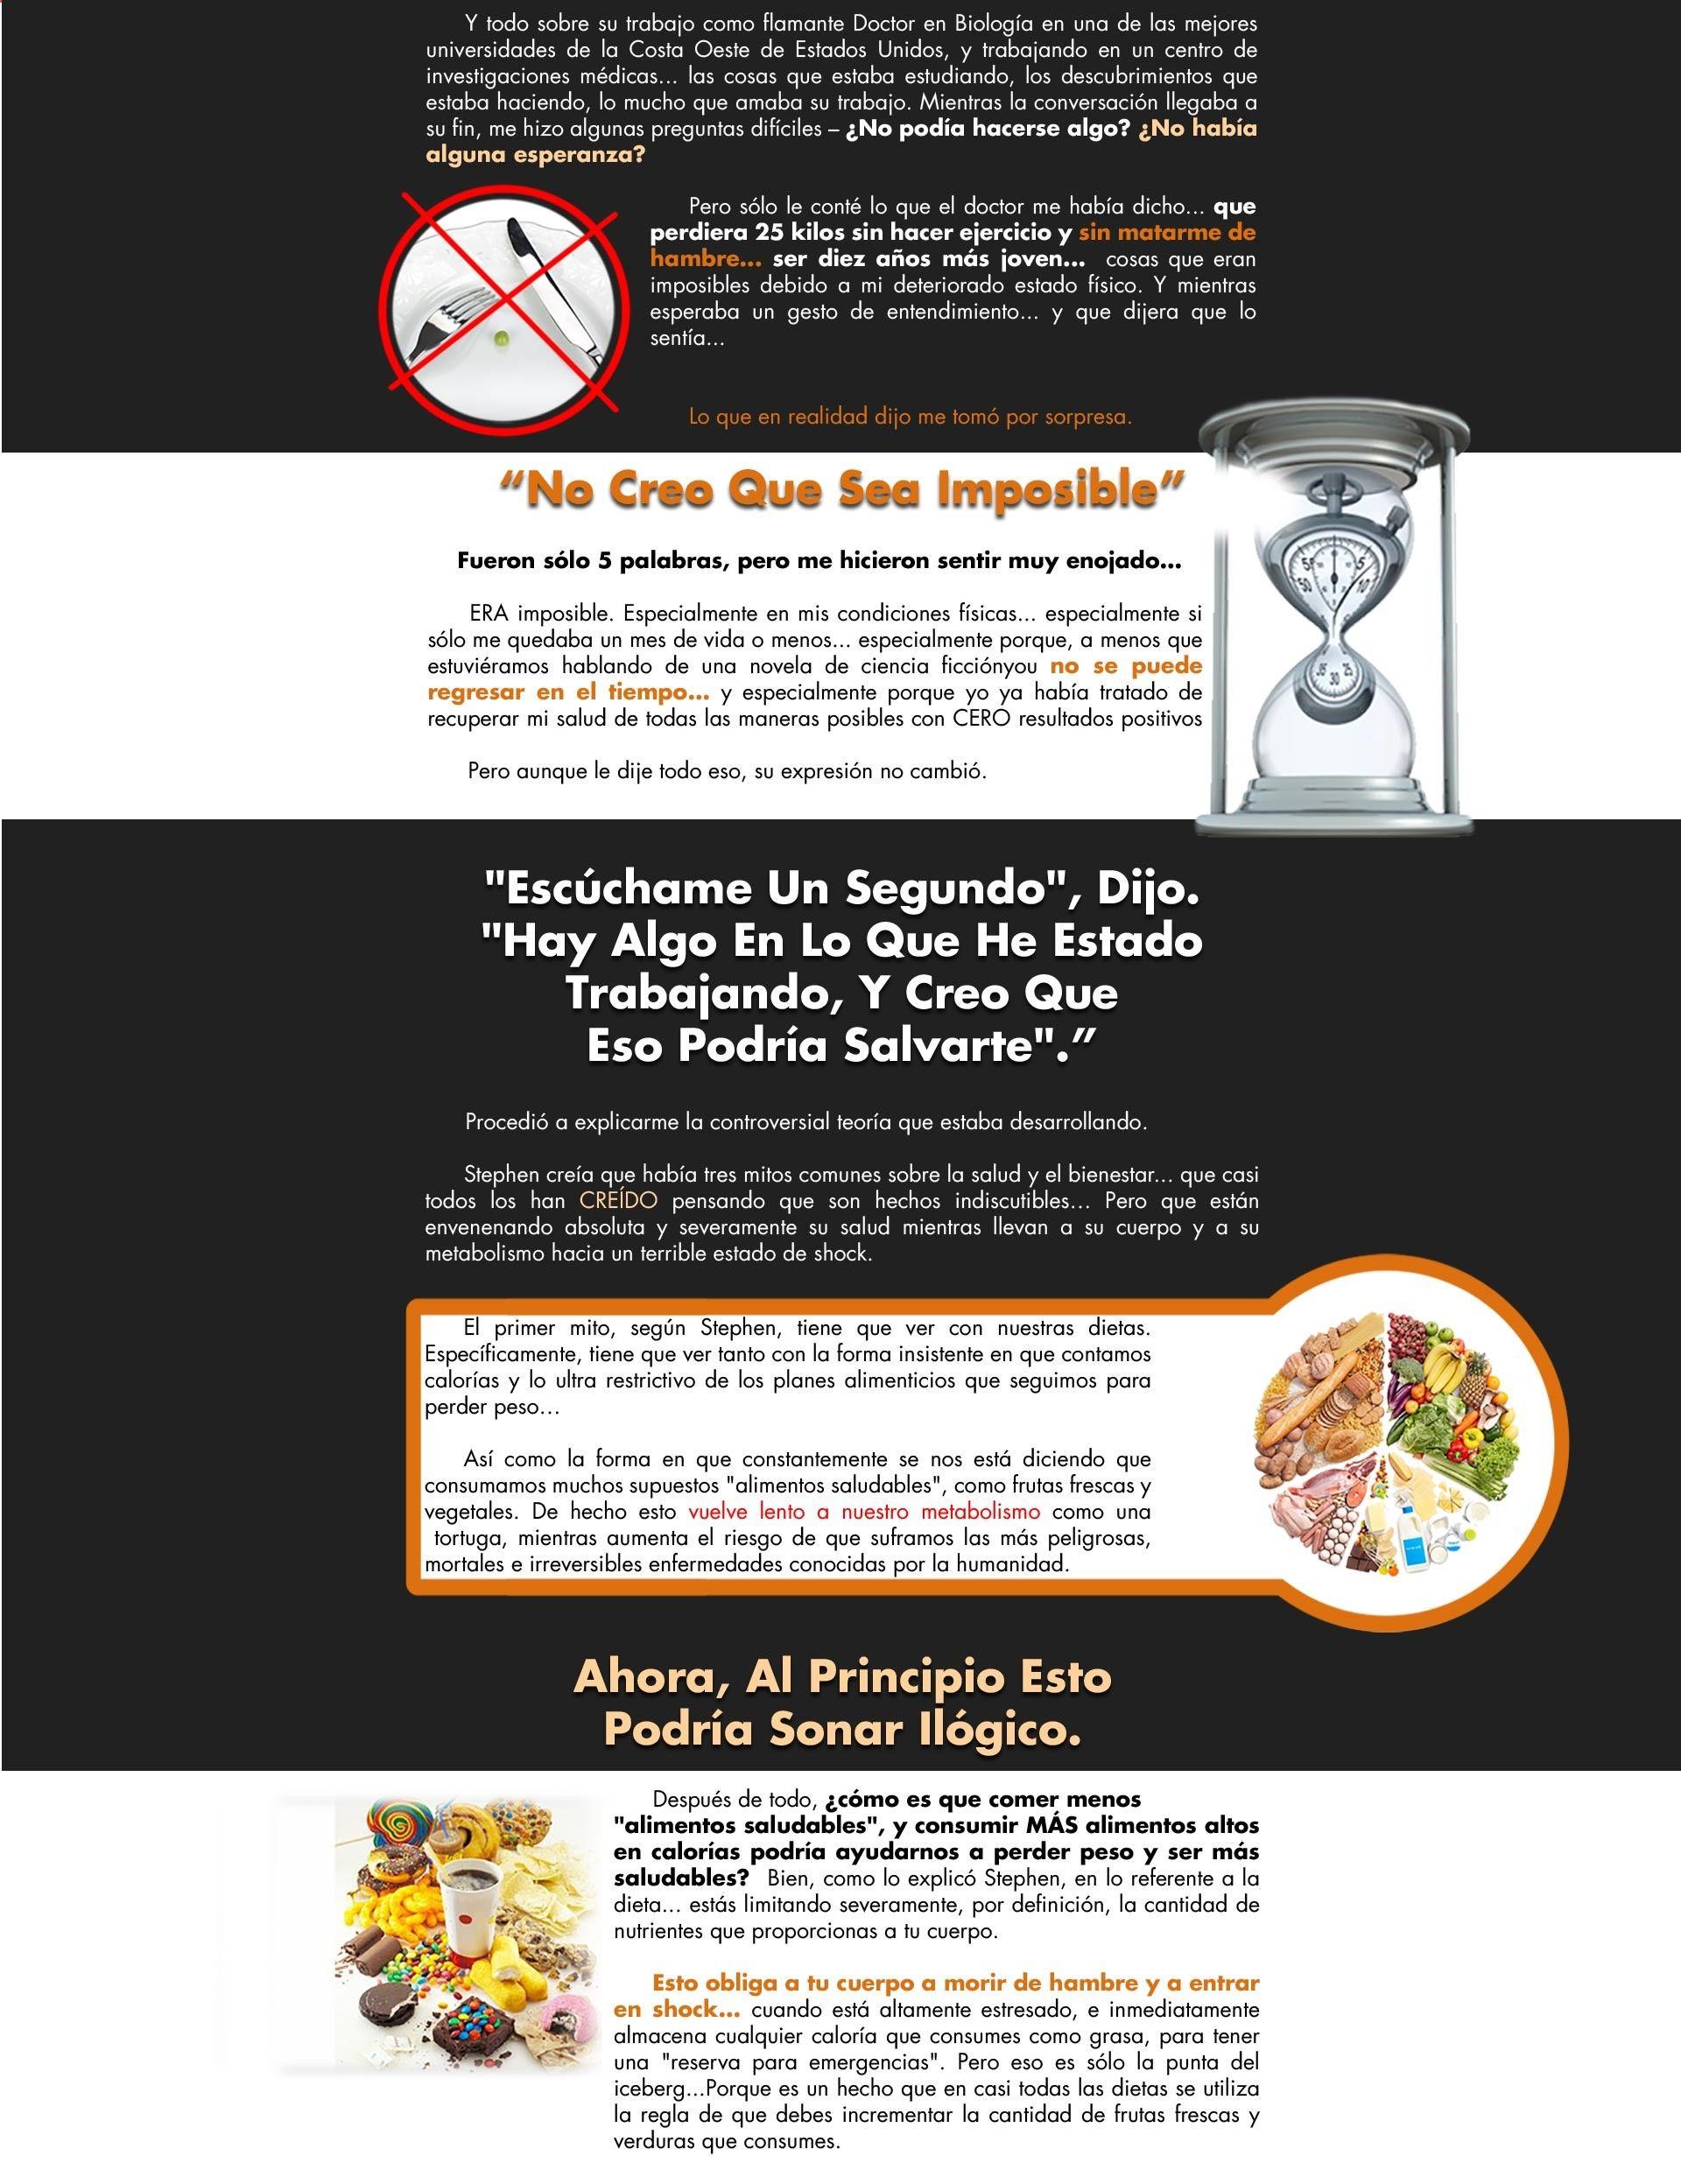 5 dietas que podrían ser mortales